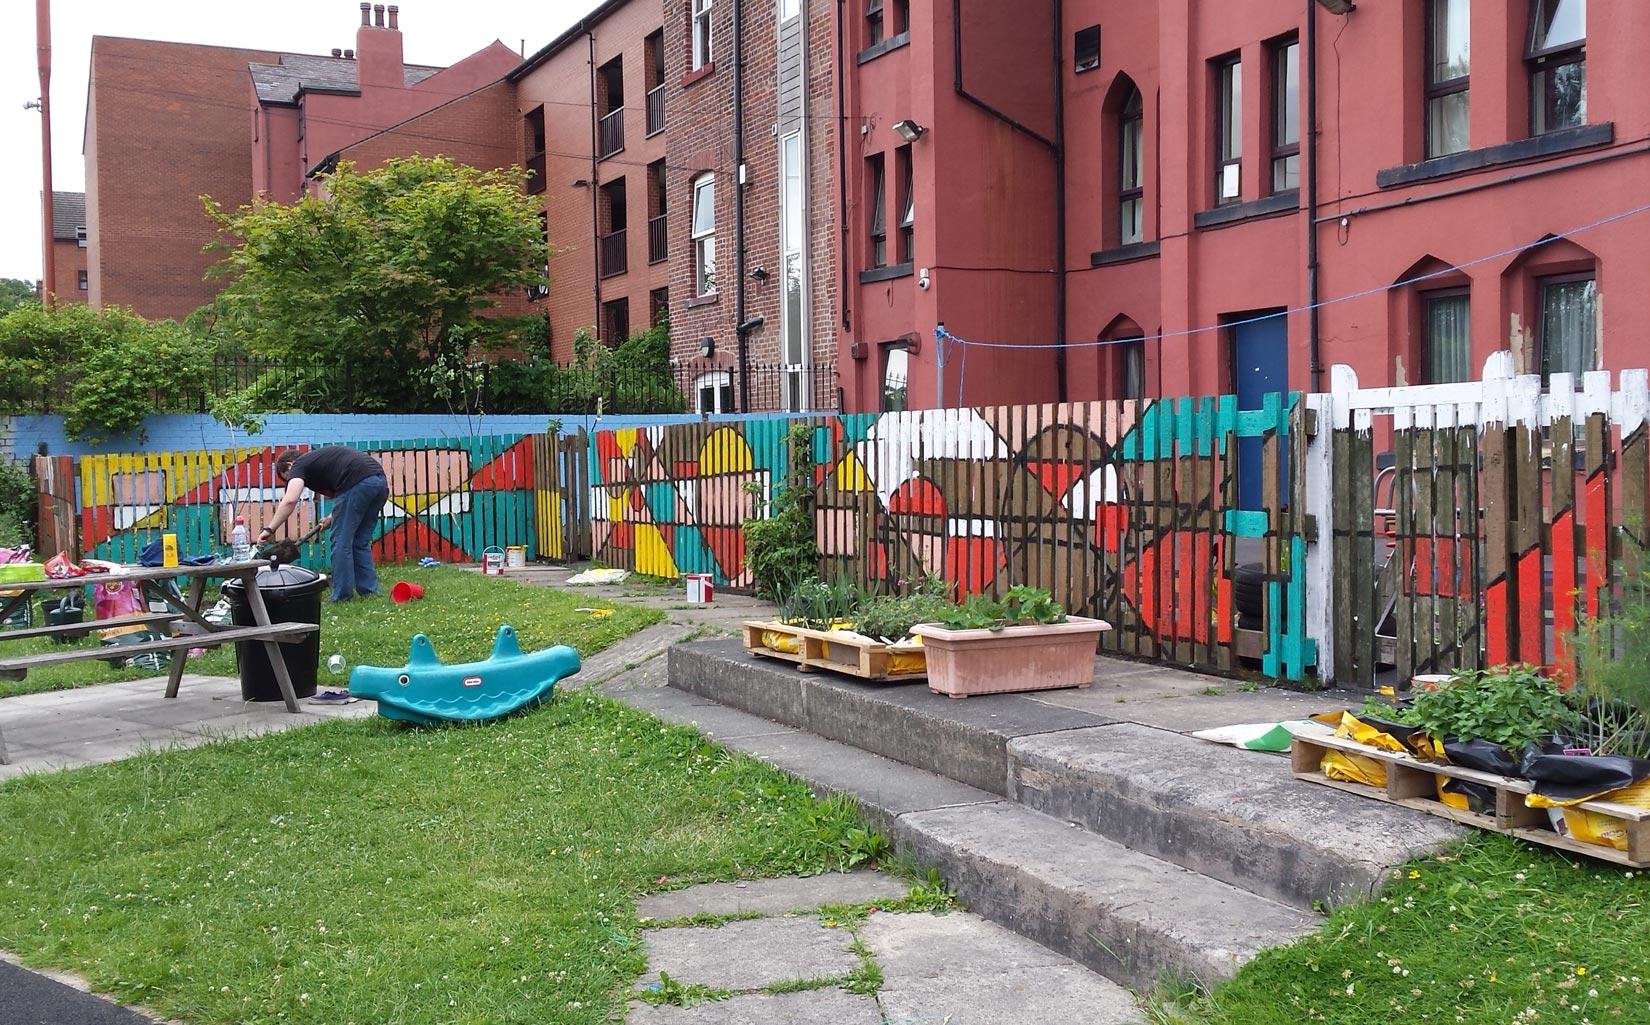 Women's Refuge, Leeds, Completing the Garden